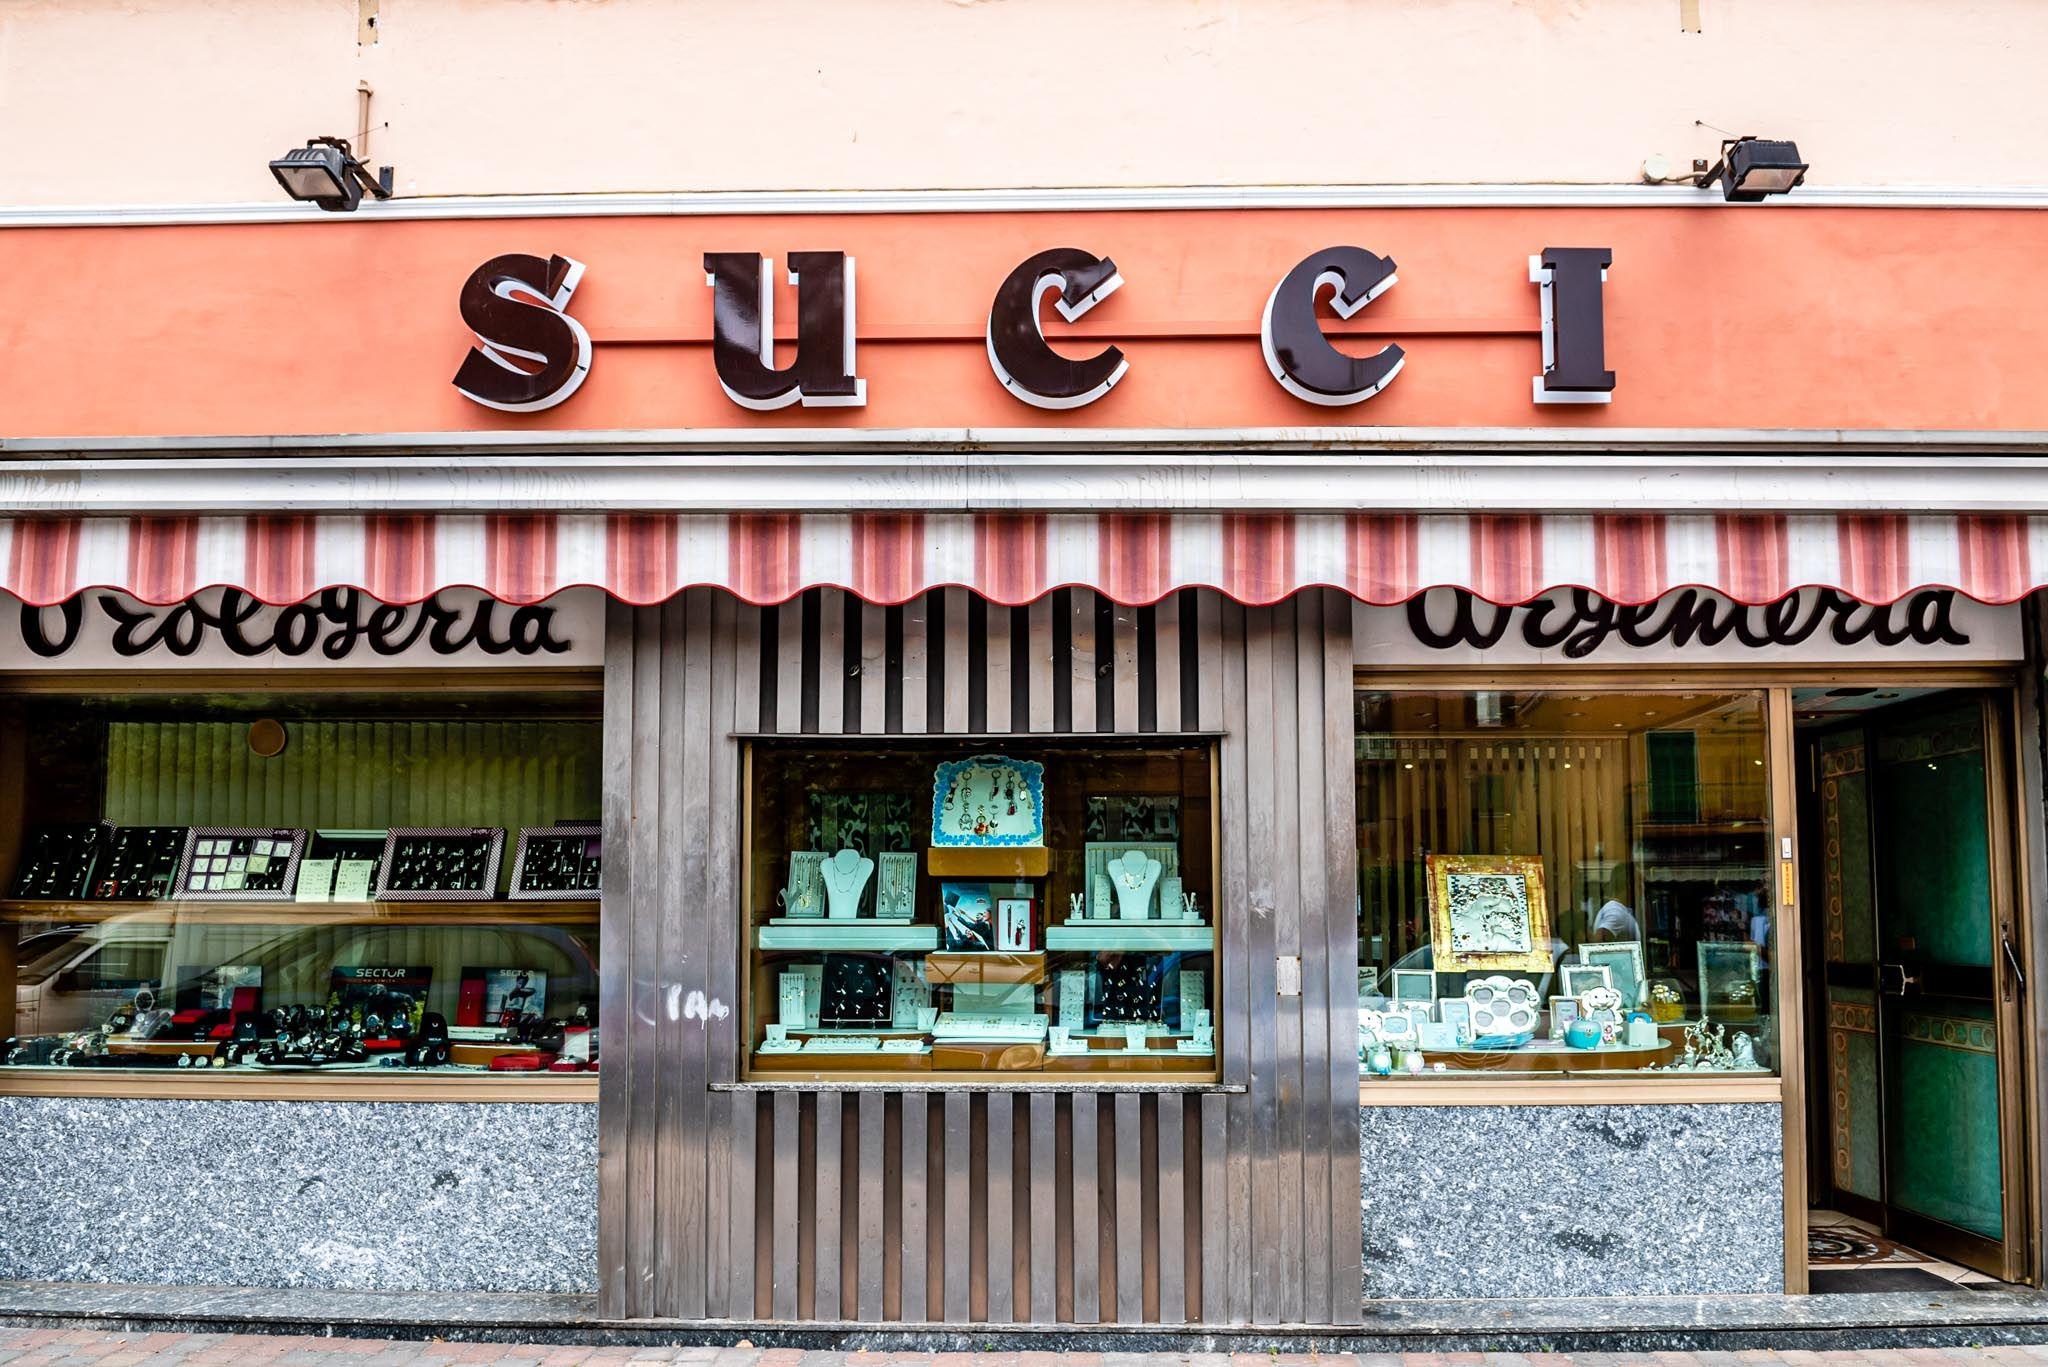 Gioielleria Succi